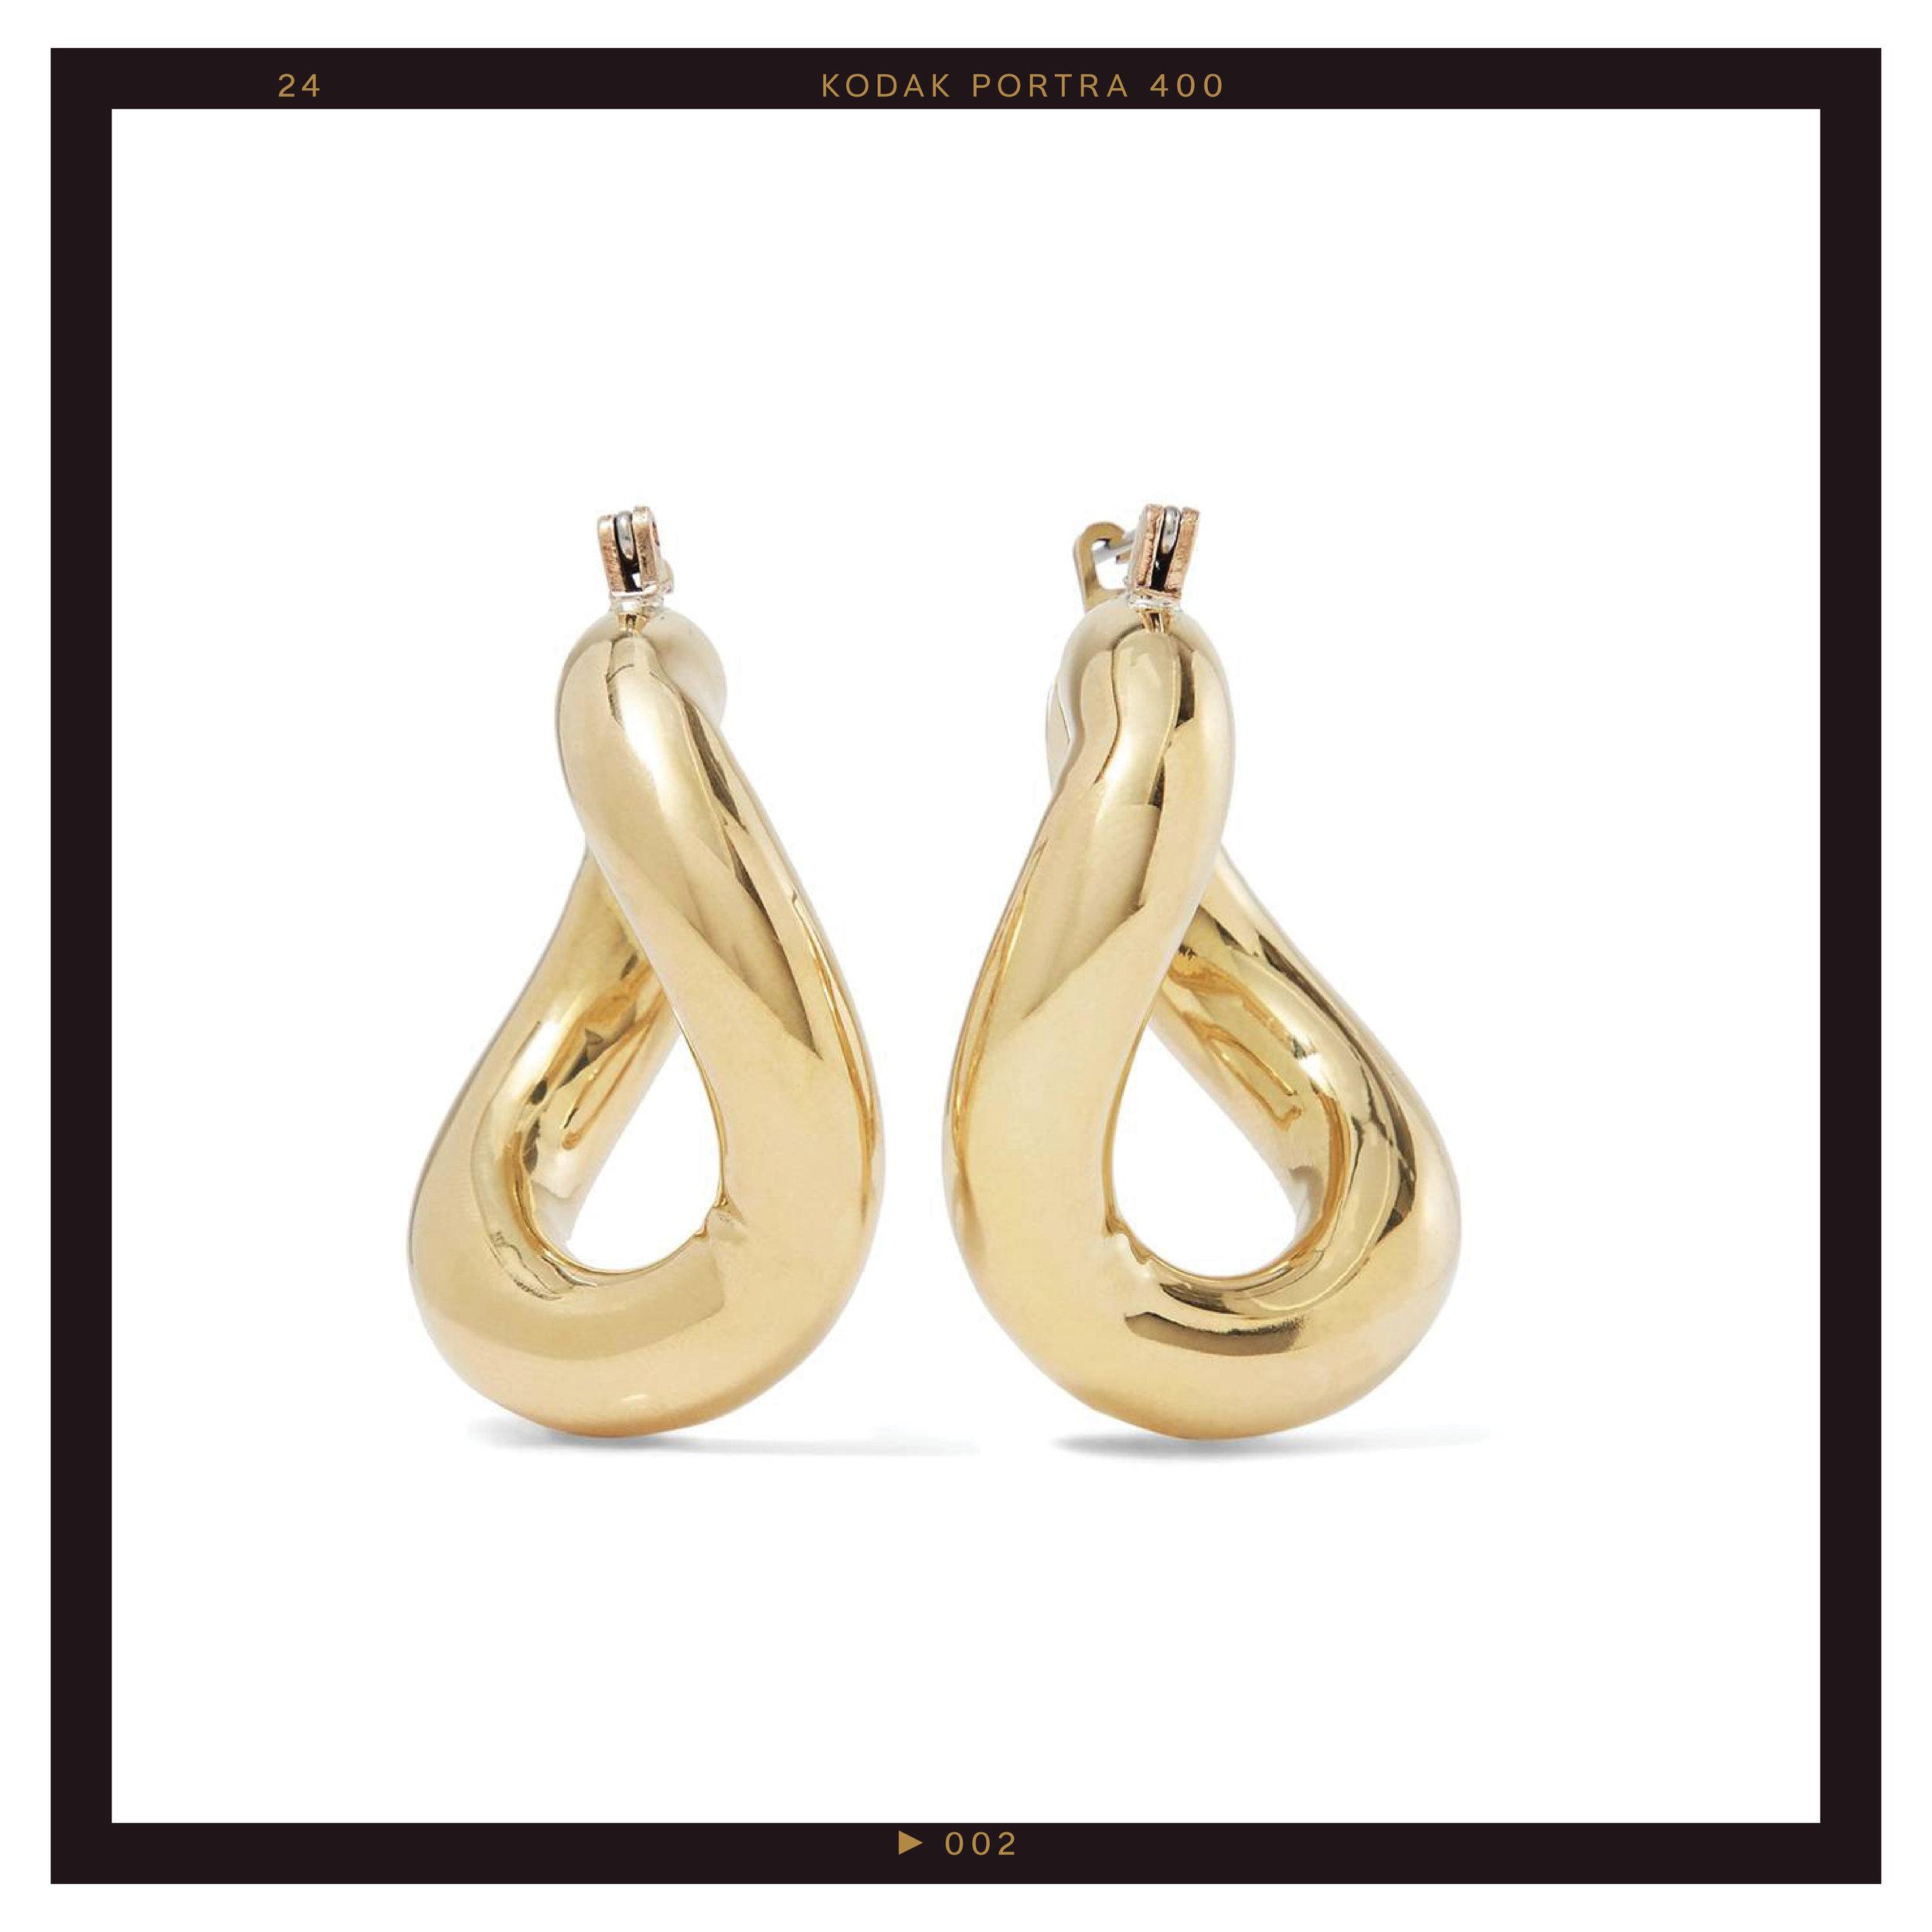 Laura Lombardi Anima Gold-Tone Hoop Earrings ($130)